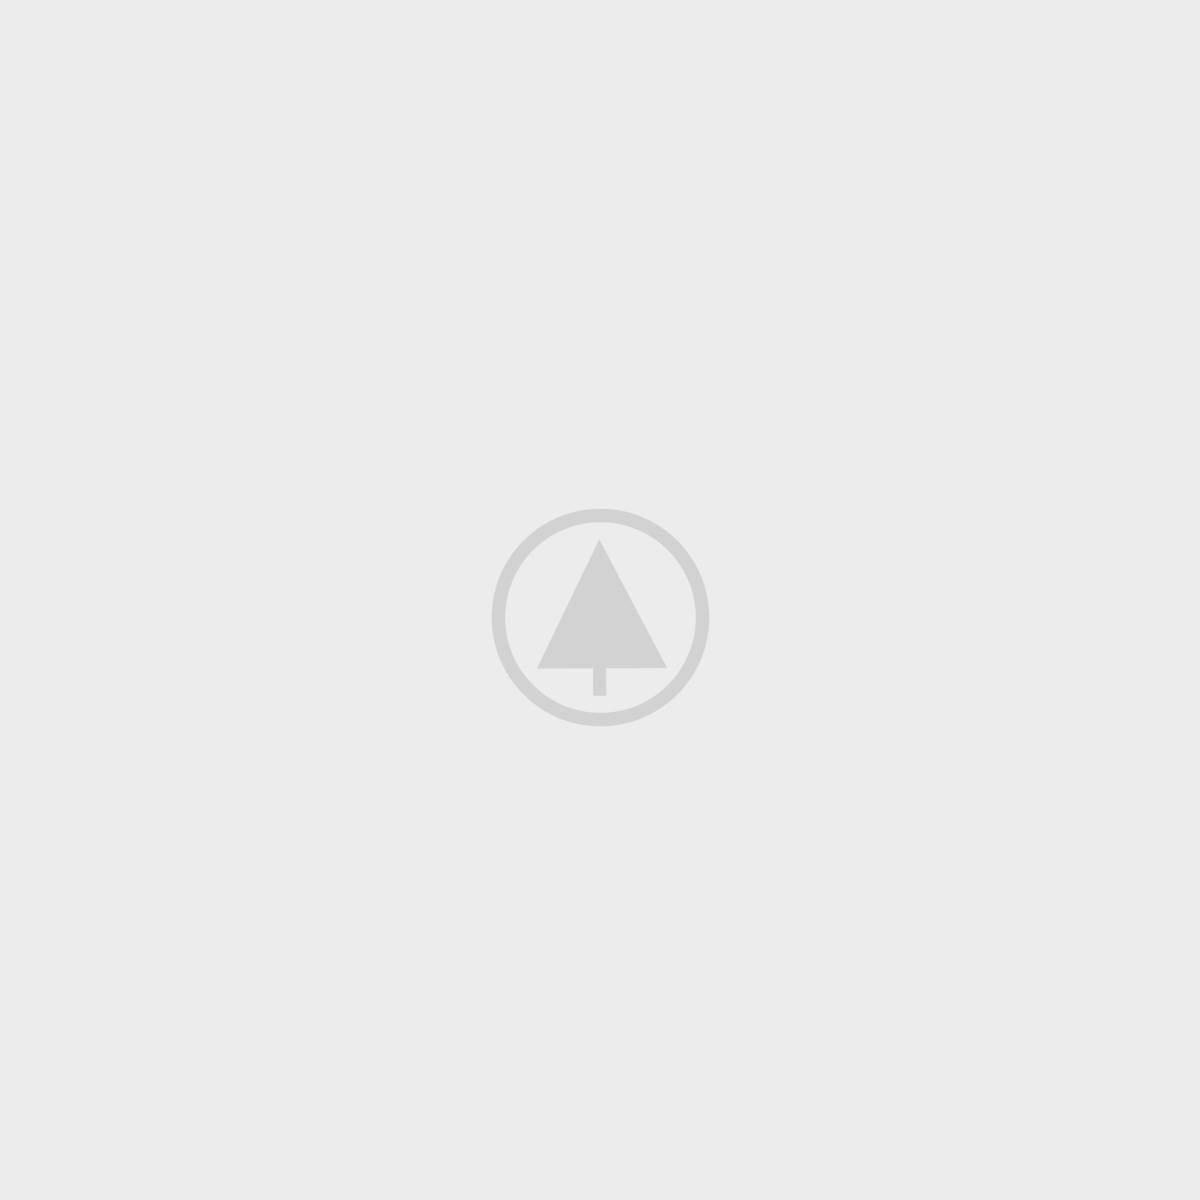 wood portfolio placeholder - Venenatis nam phasellus